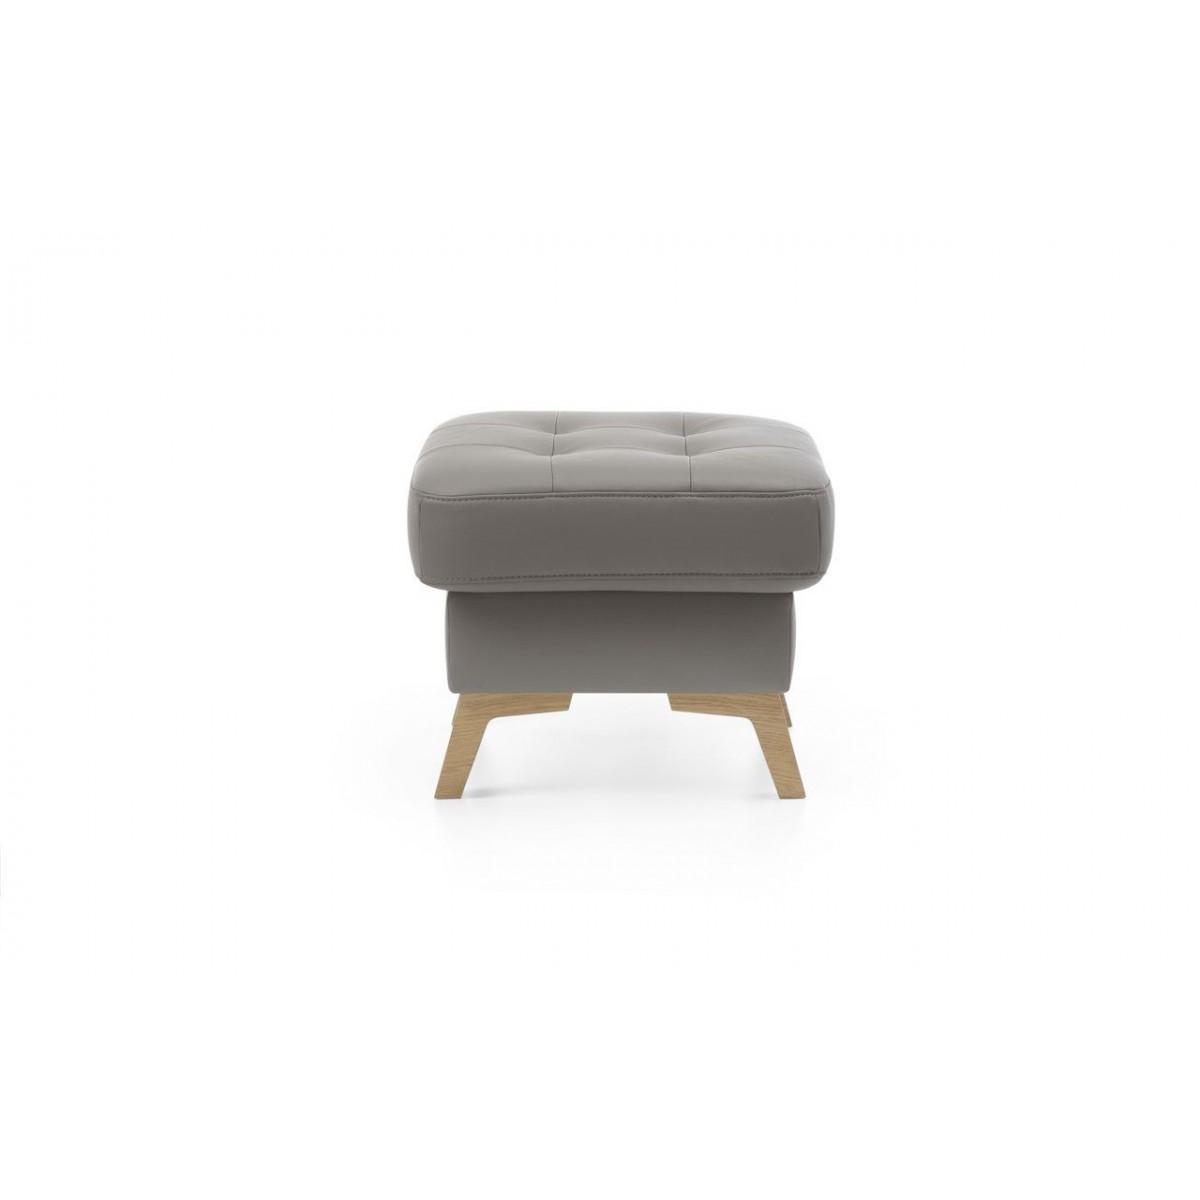 Fiord Pufa / Taboret 56x56cm Gala Collezione